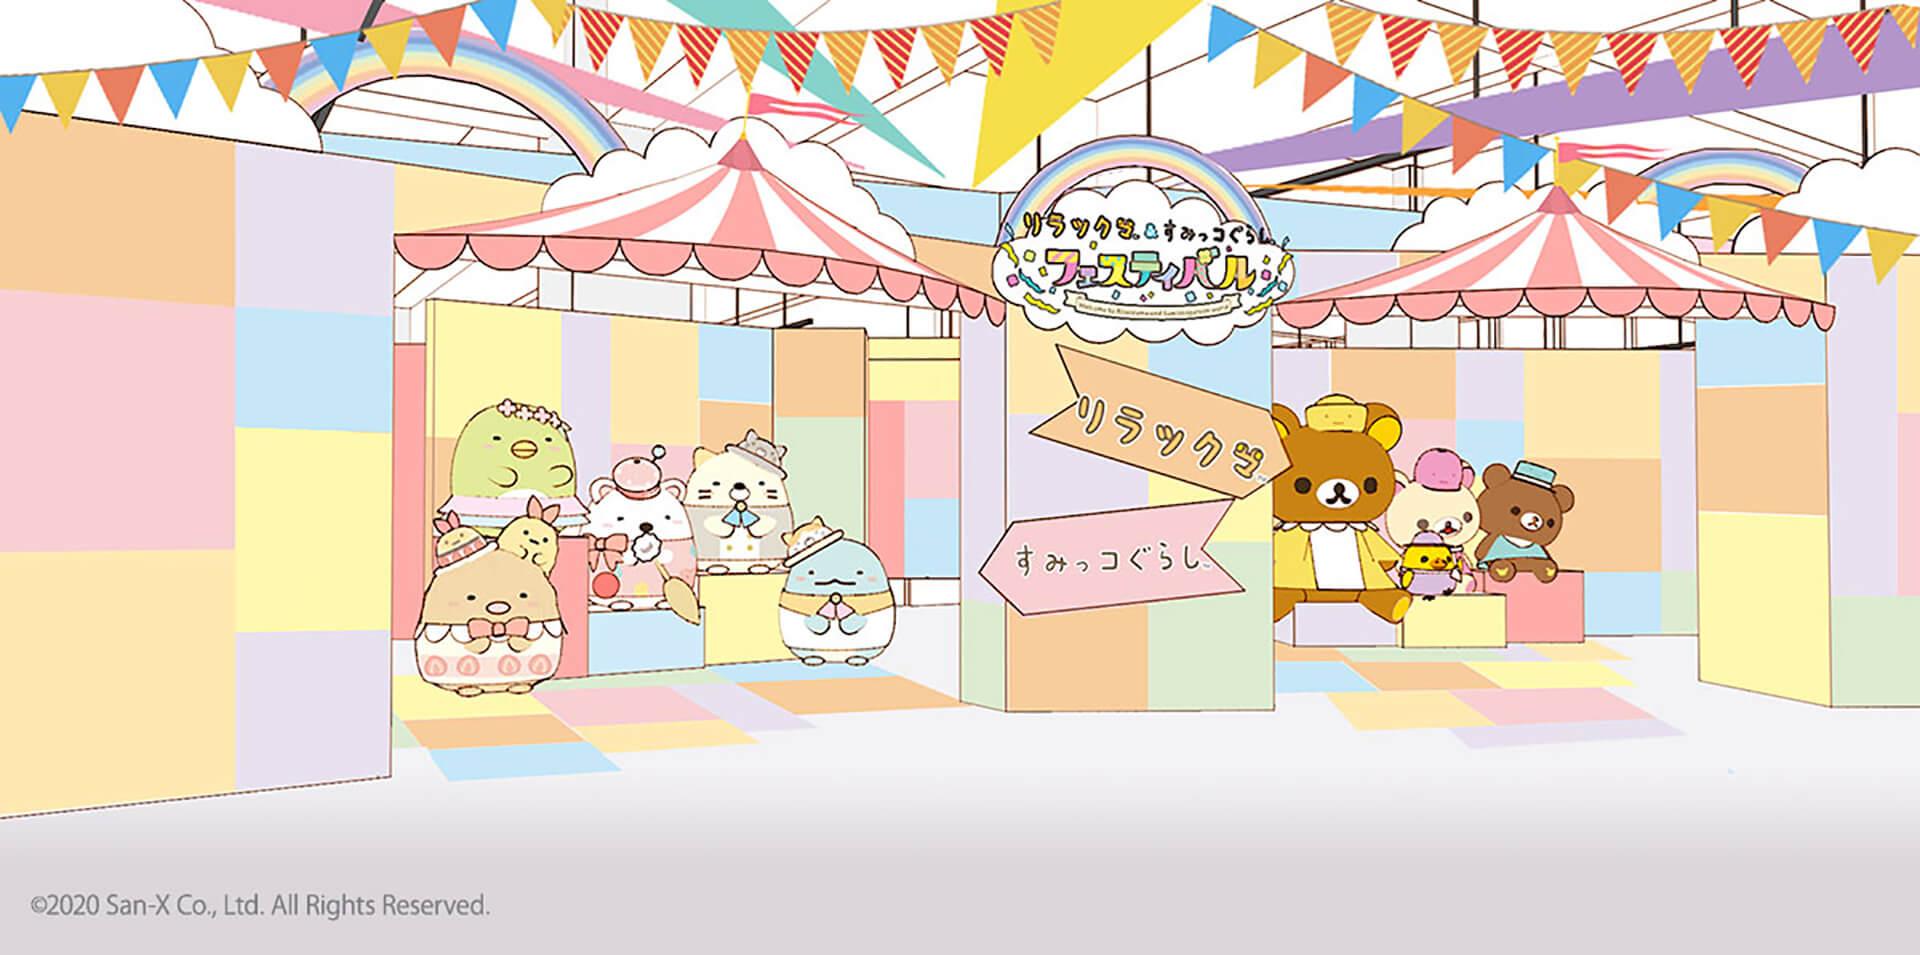 リラックマ&すみっコぐらしフェスティバル会場風景